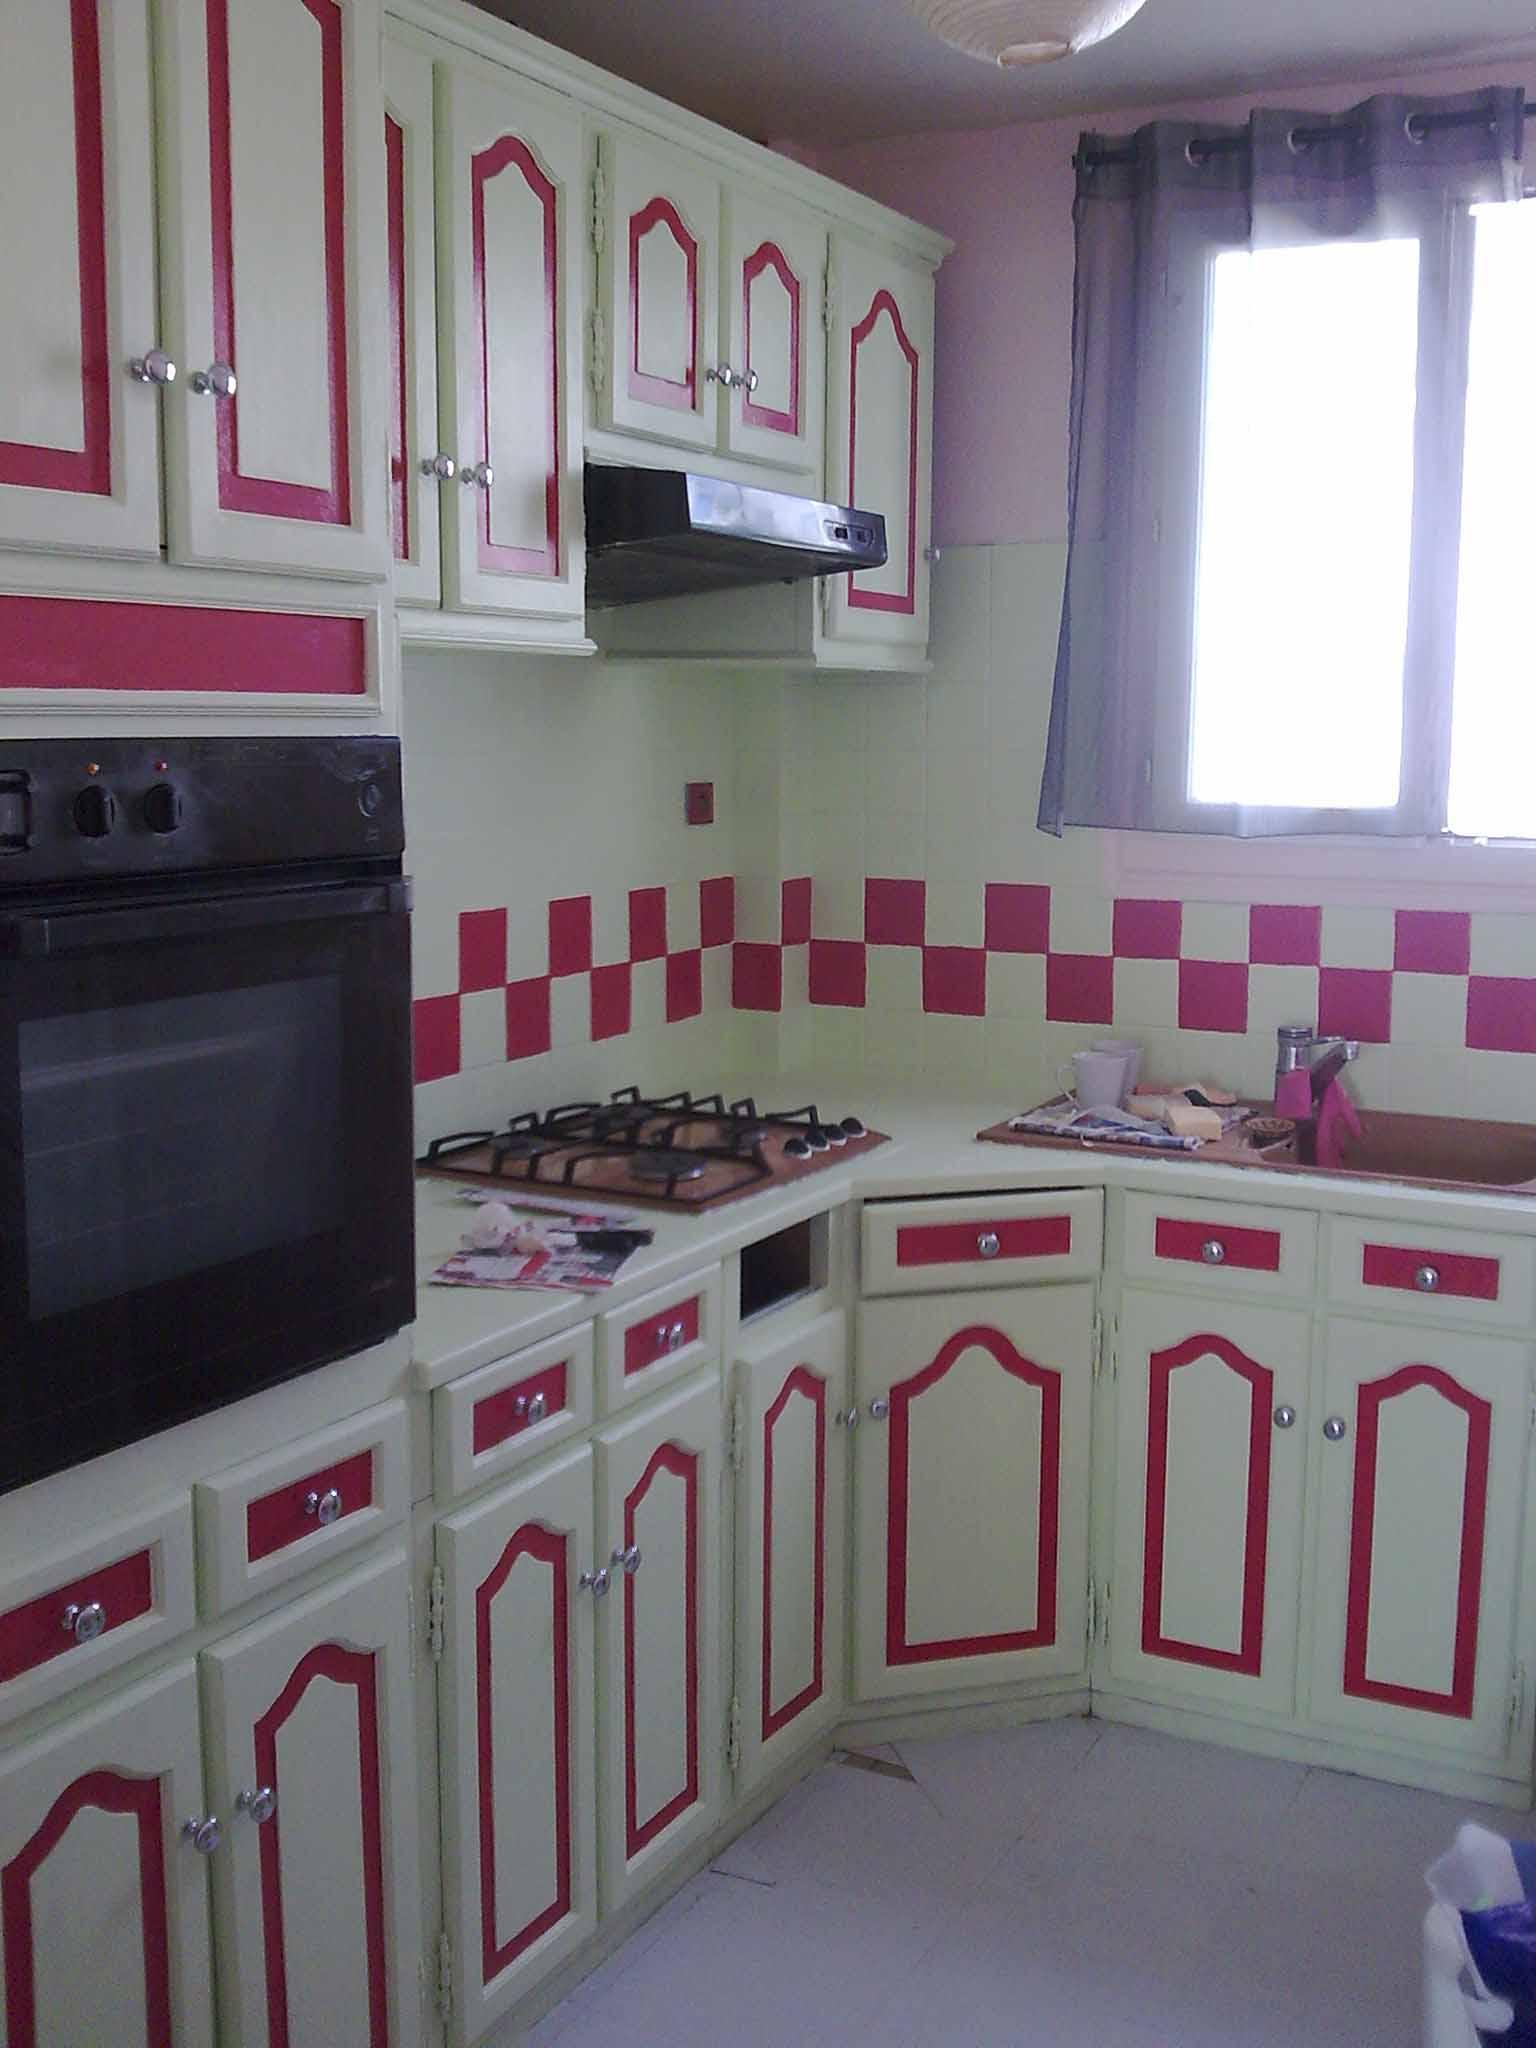 La cuisine les petites figurines de neko - Faience cuisine rouge et blanc ...